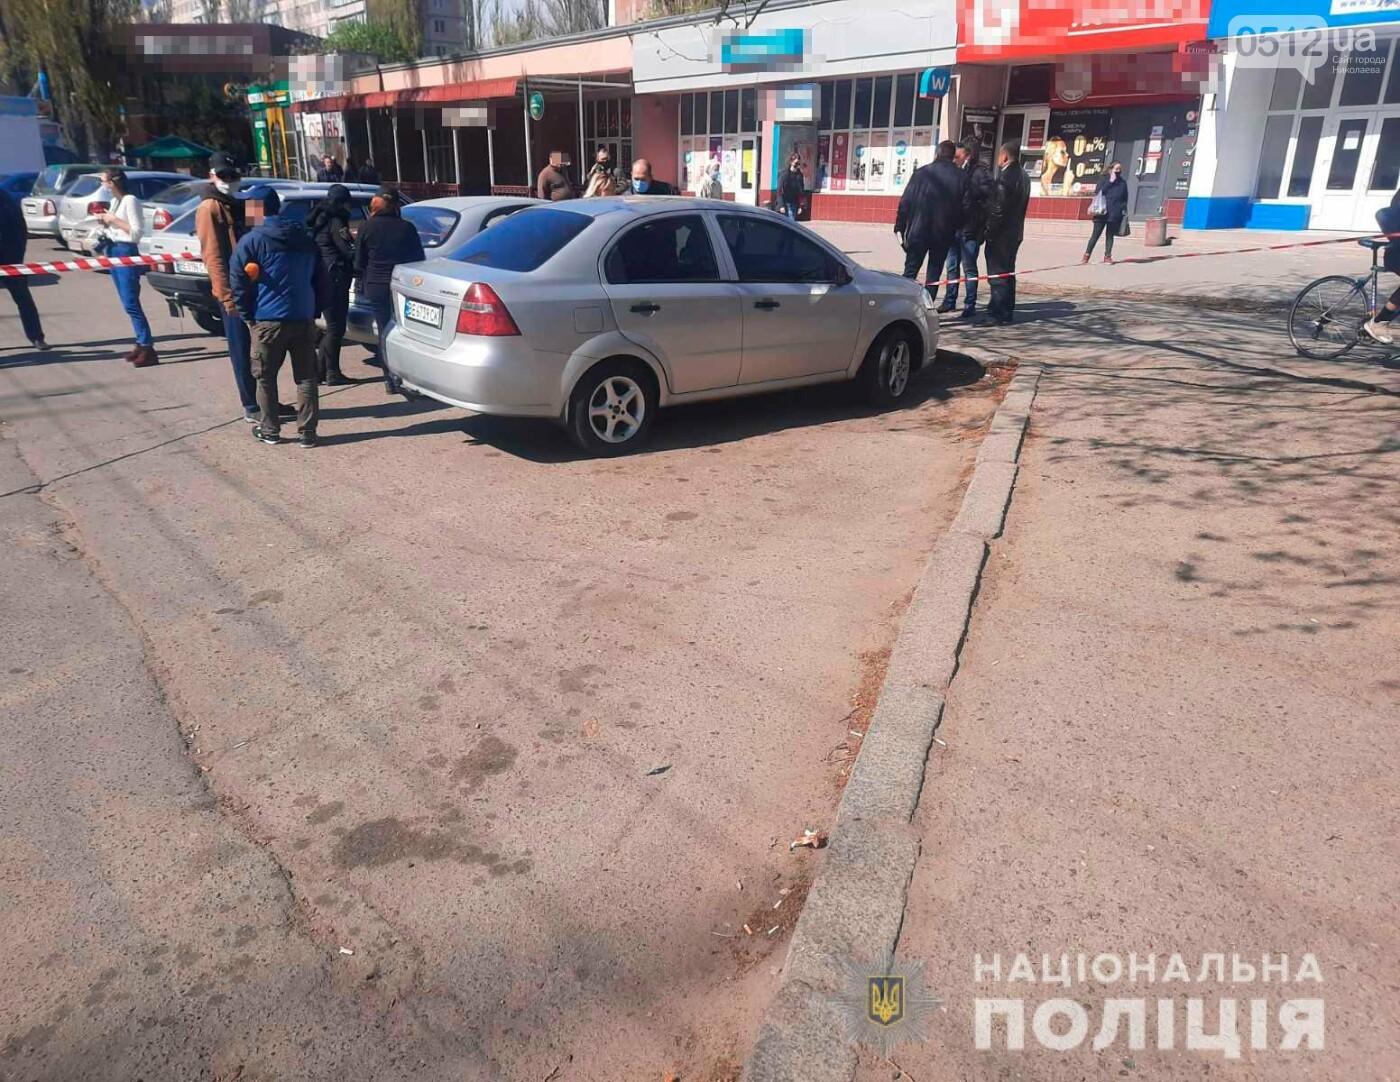 """В Николаеве у мужчины  отобрали два миллиона гривен - объявлен план перехват """"Сирена"""", - ФОТО, фото-1"""